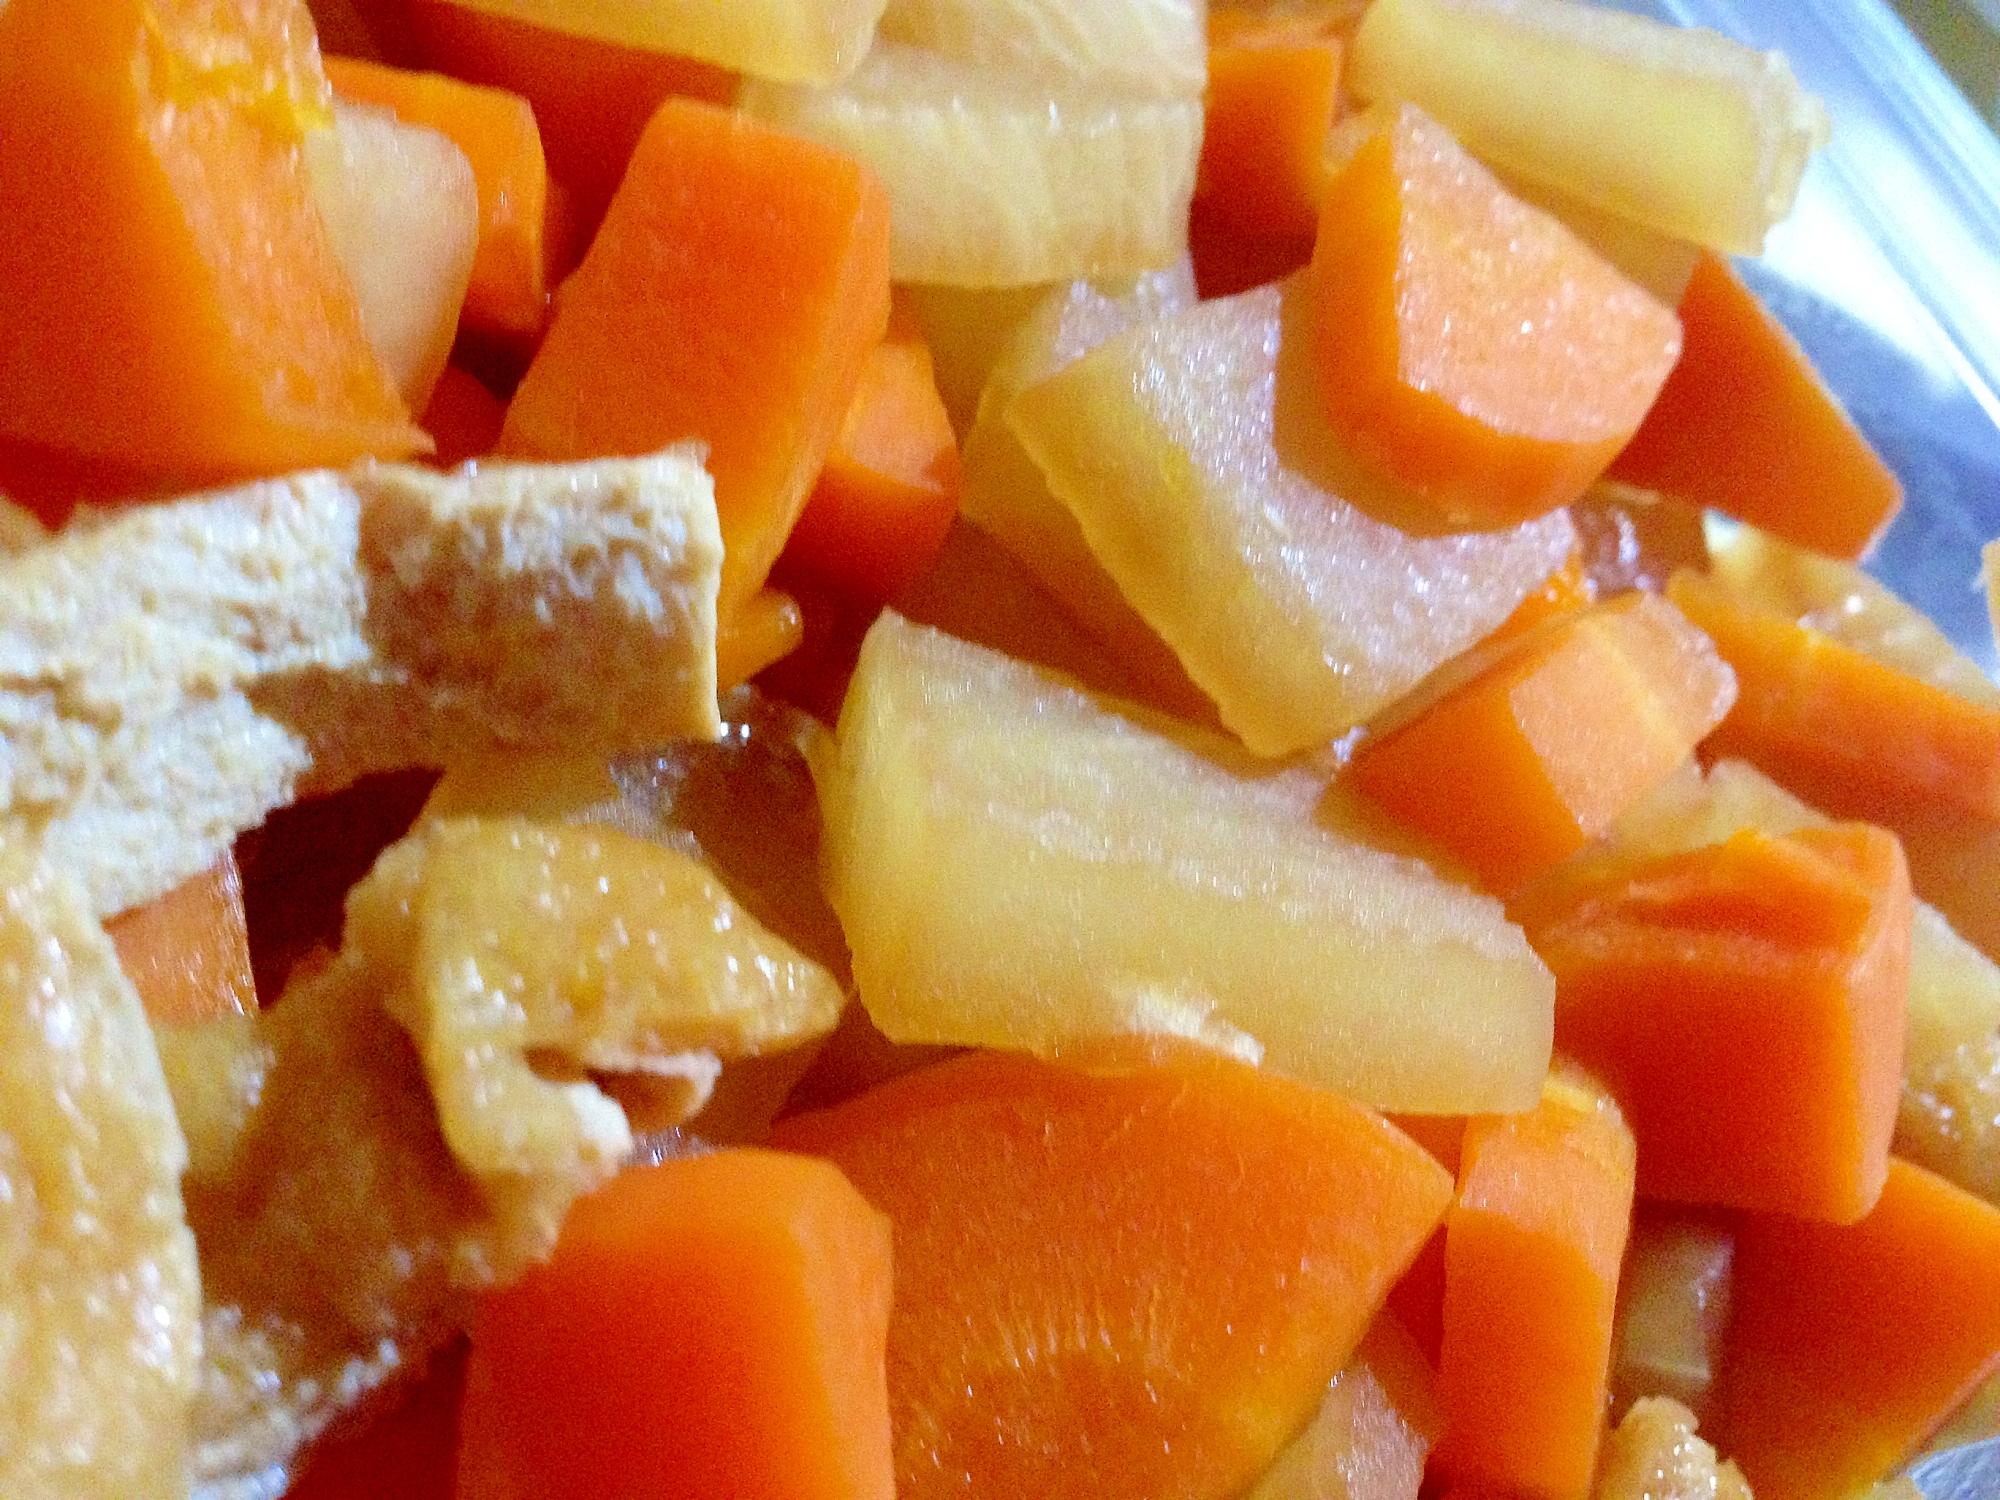 【保存食】作り置きで味が染みる!大根と油揚げの煮物